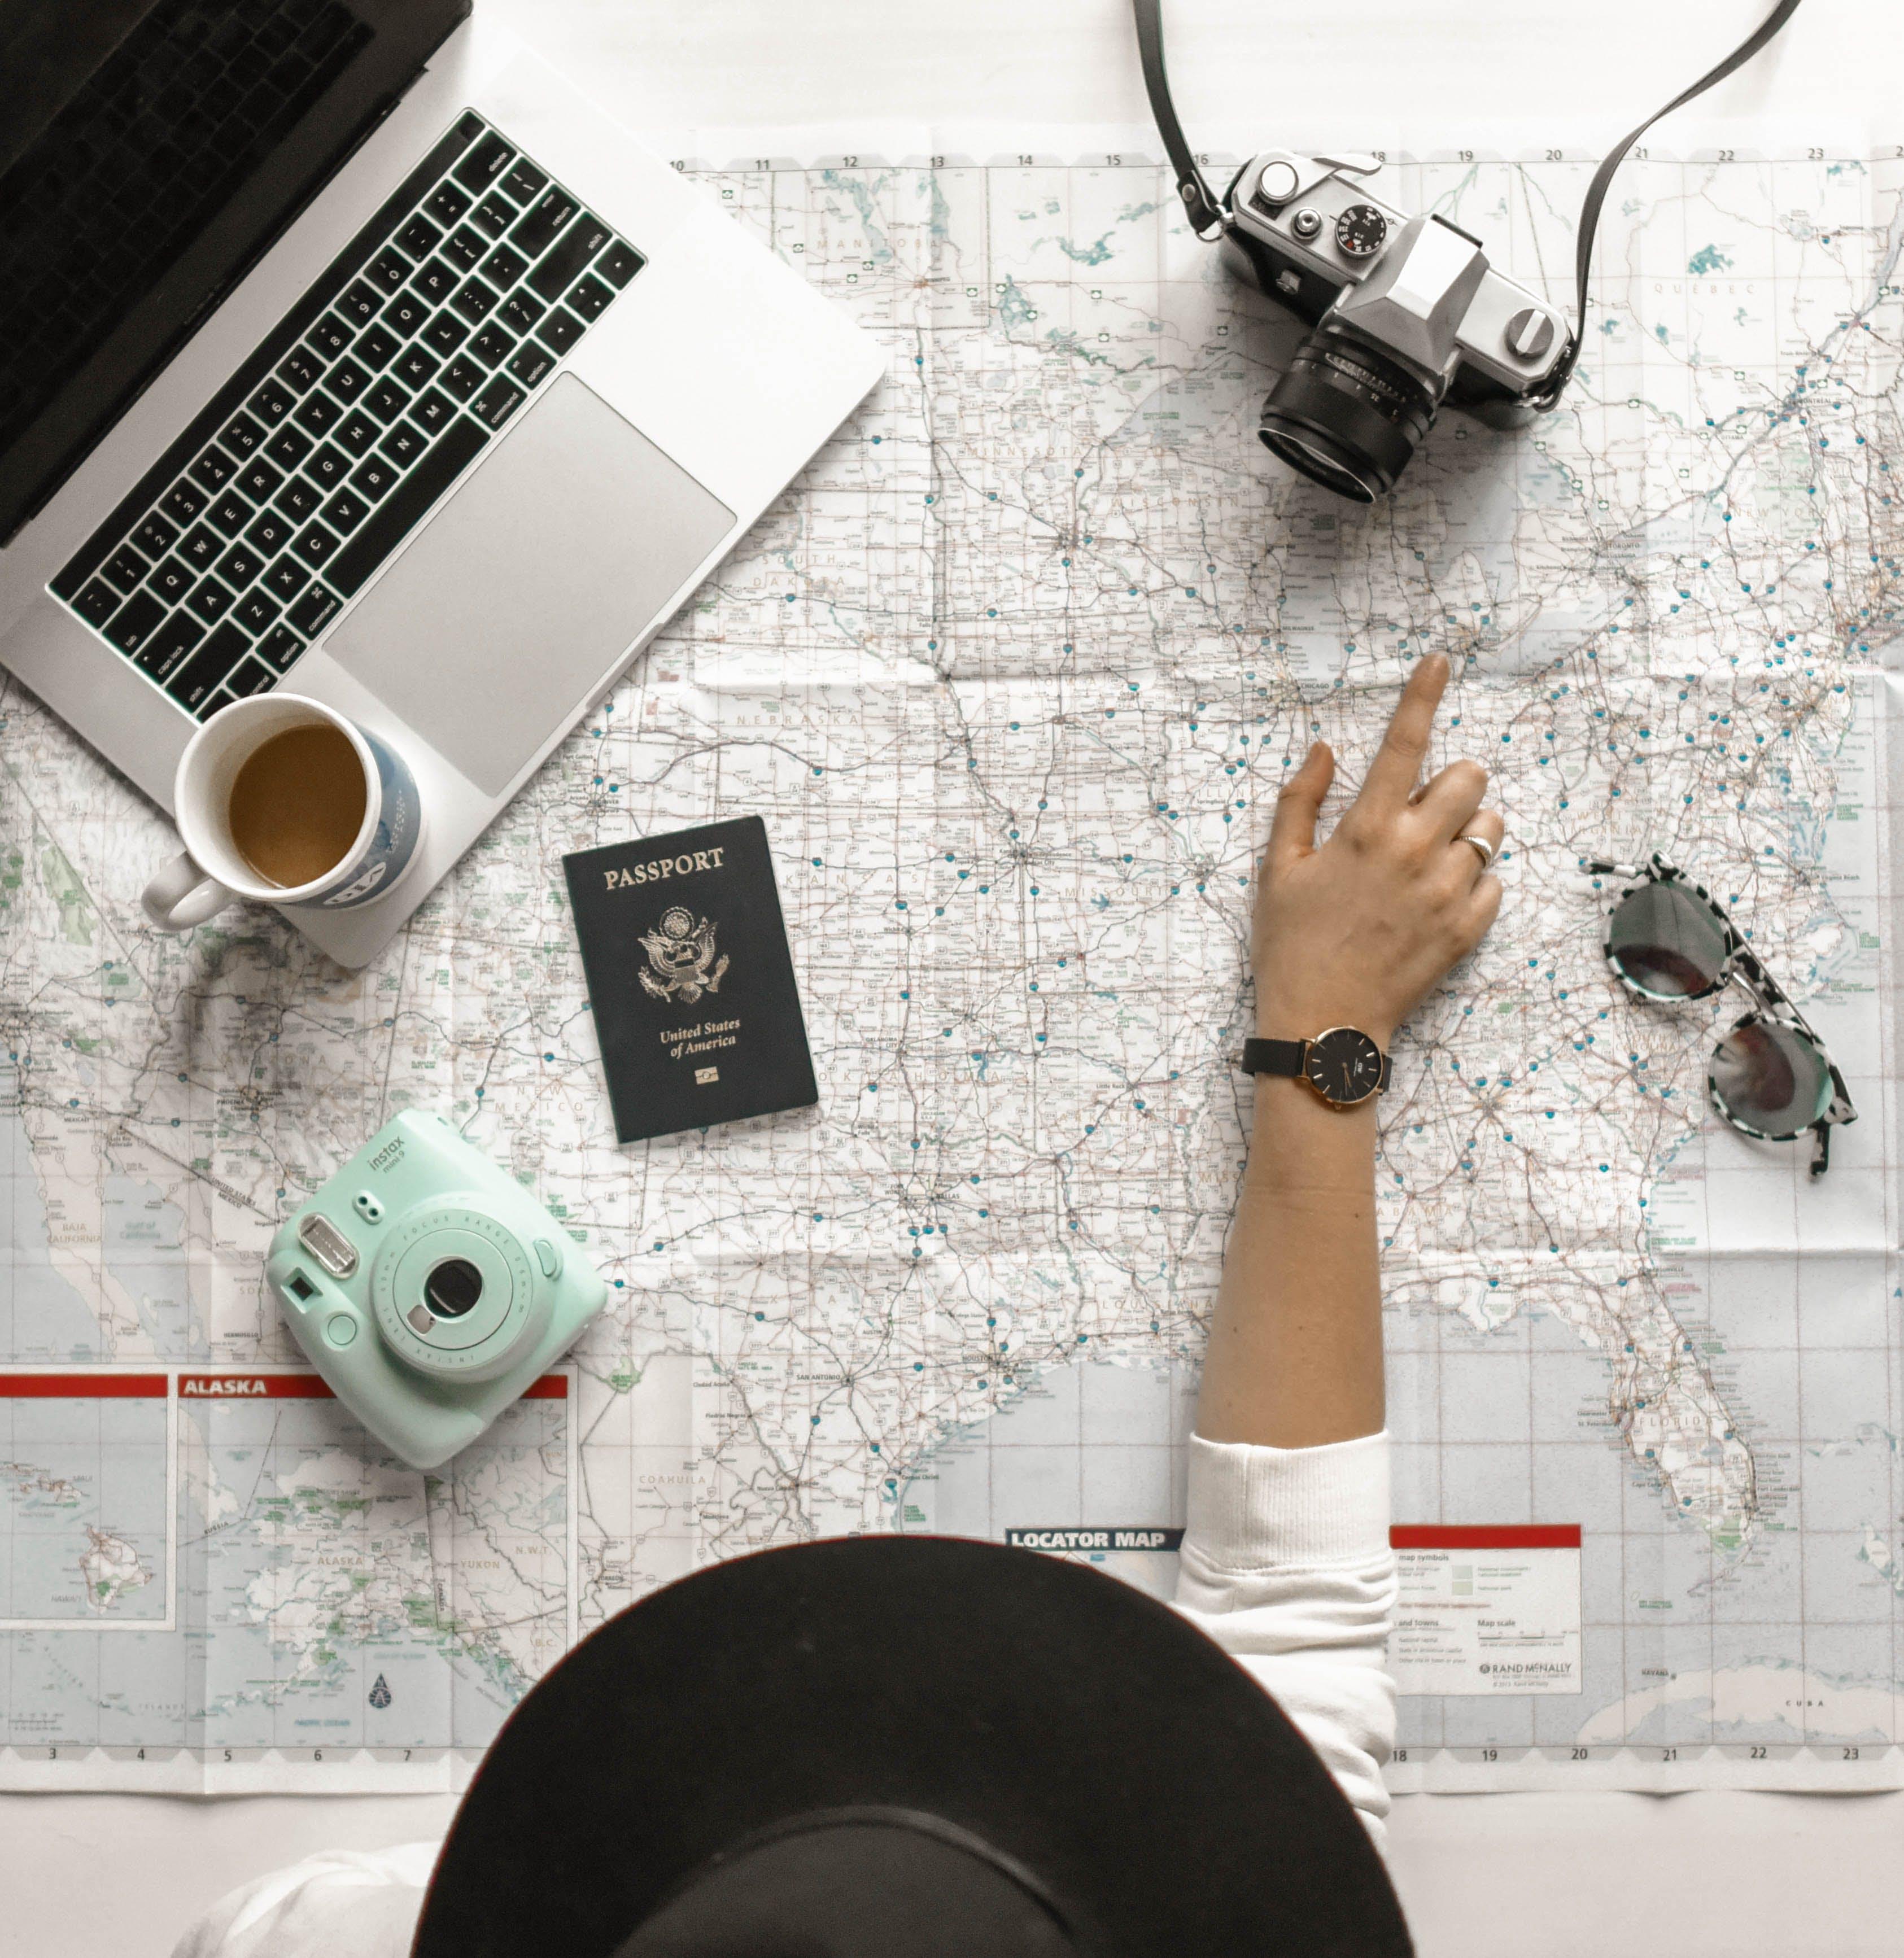 abenteuer, arbeit, ausflug